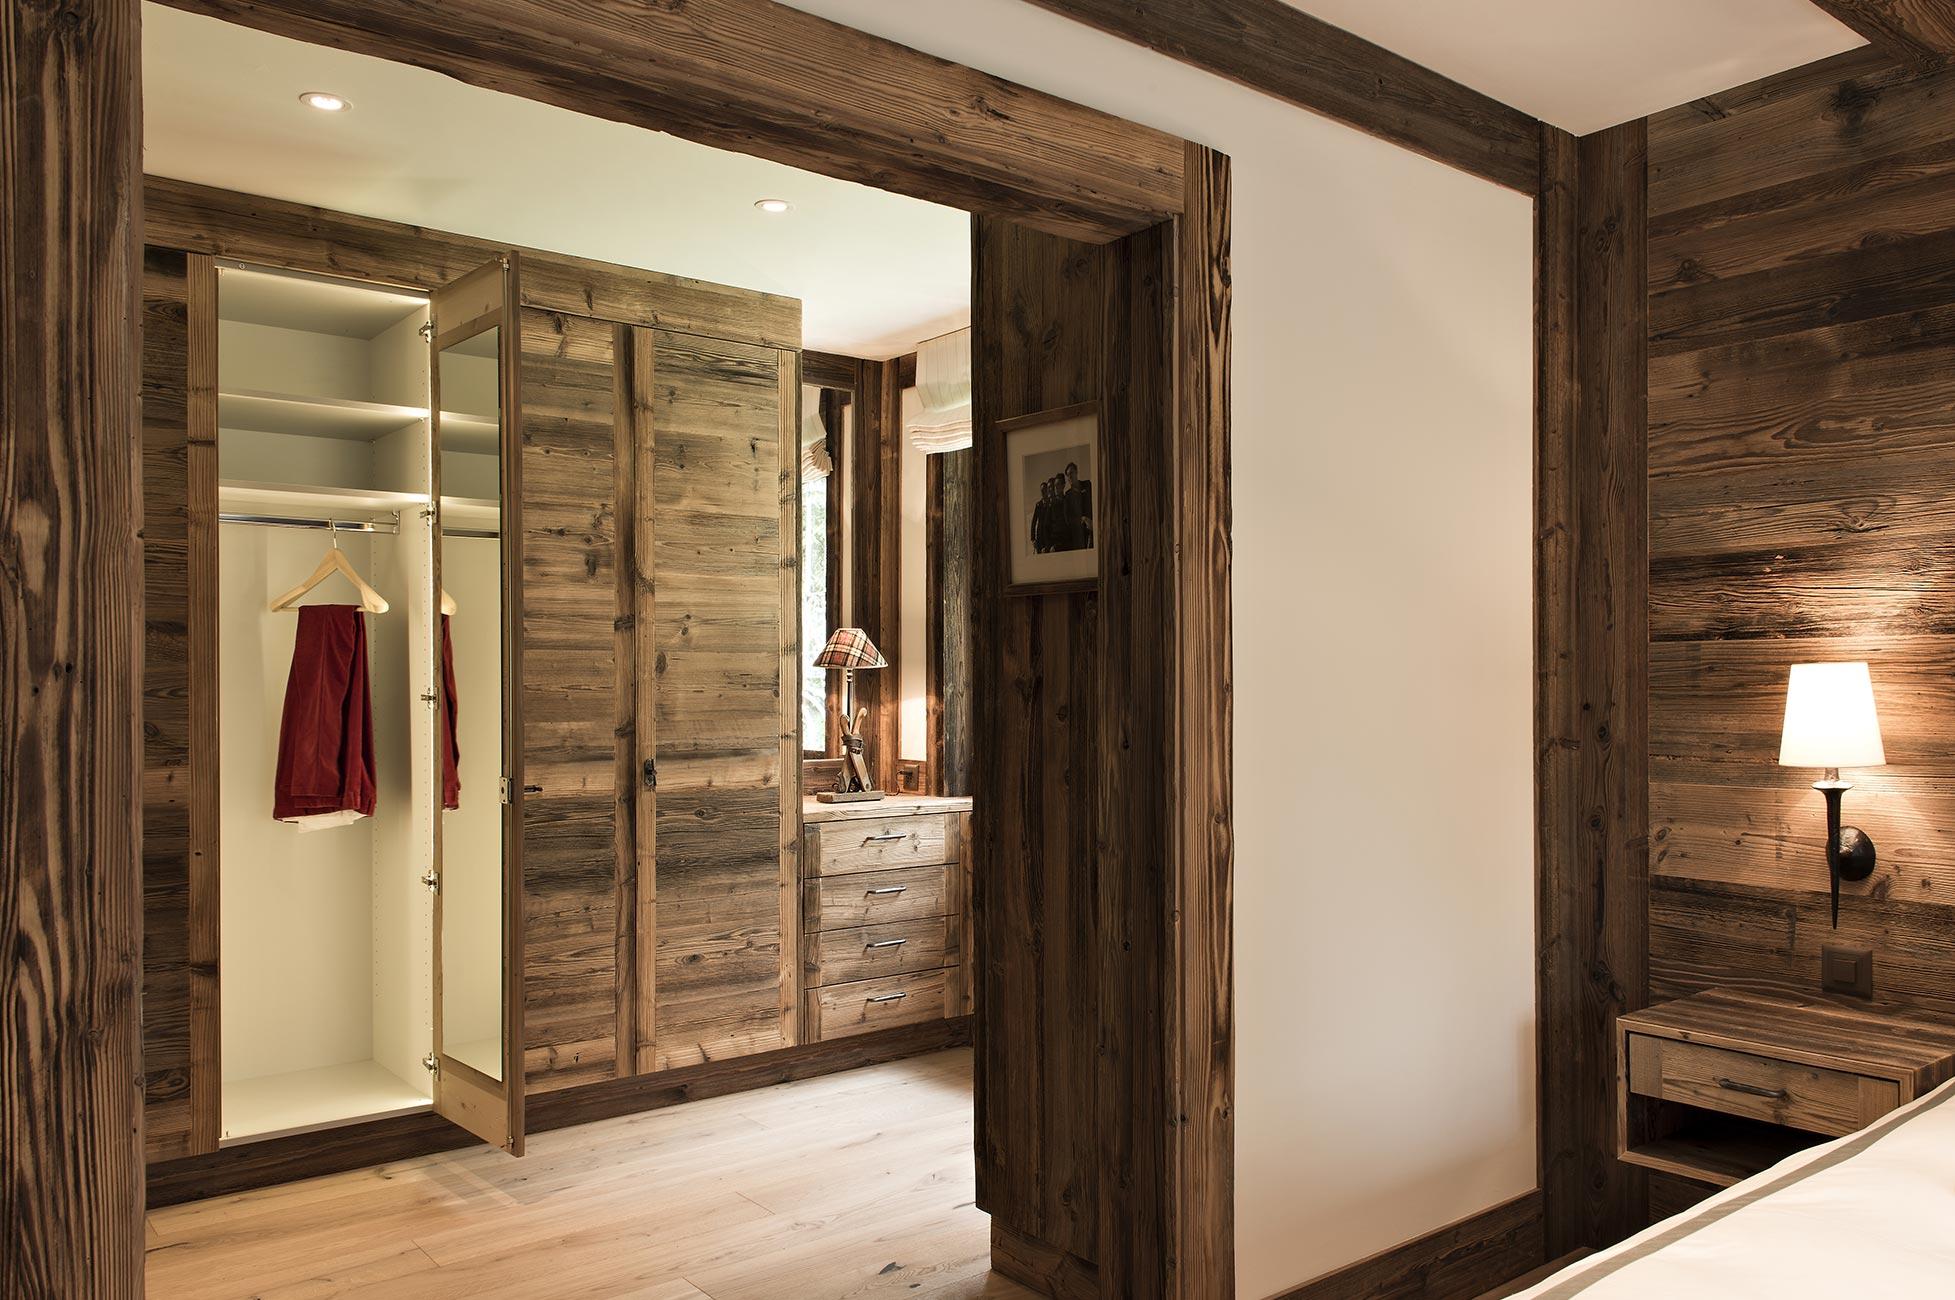 schr nke i fried ag ihr schreiner bever engadin. Black Bedroom Furniture Sets. Home Design Ideas